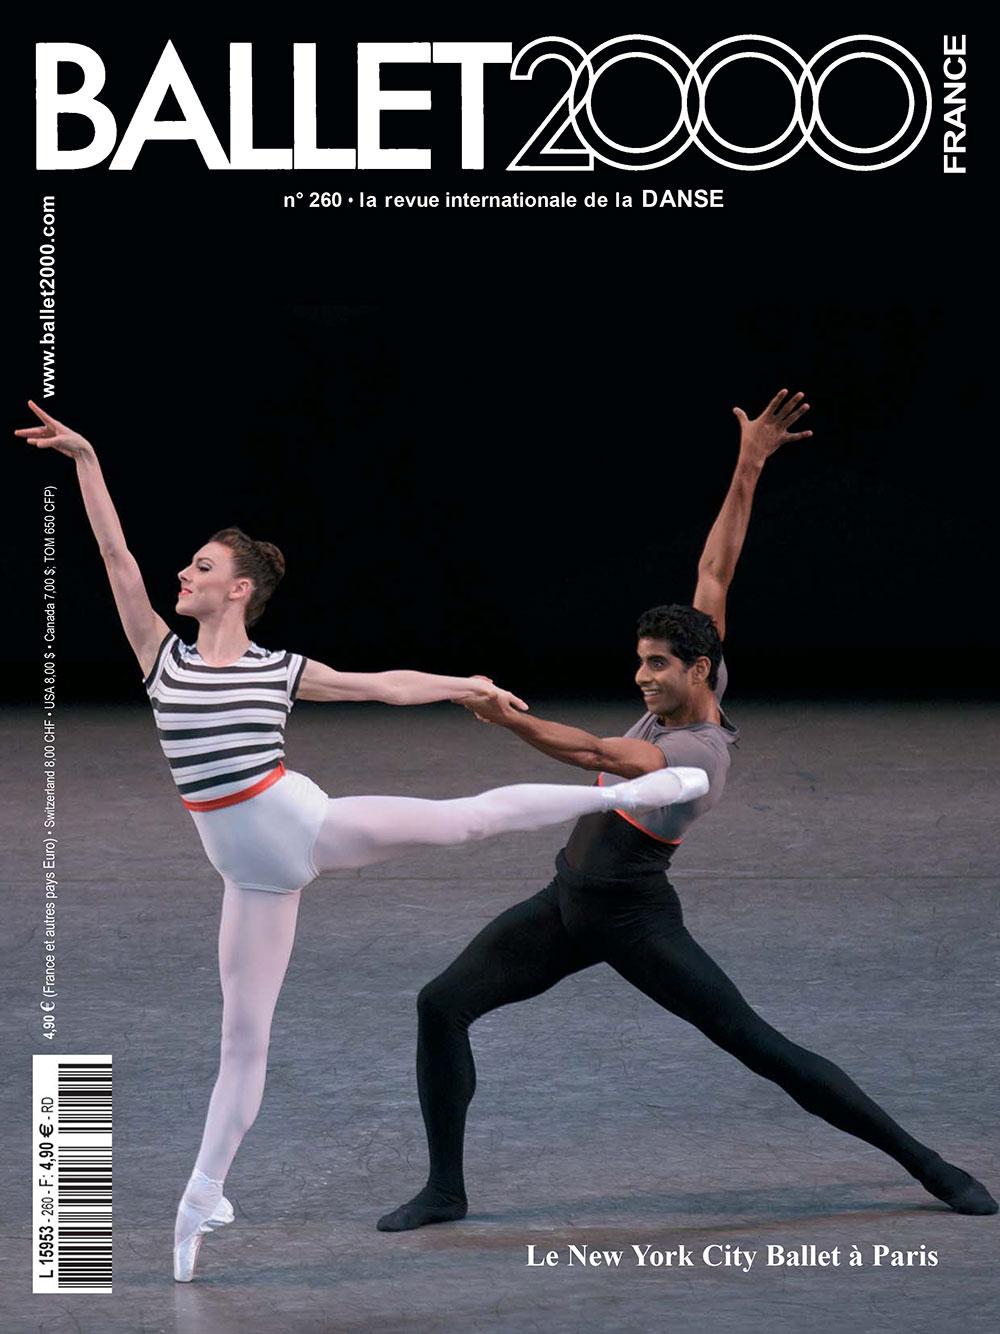 Ballet2000 n. Mai / Juin 2016